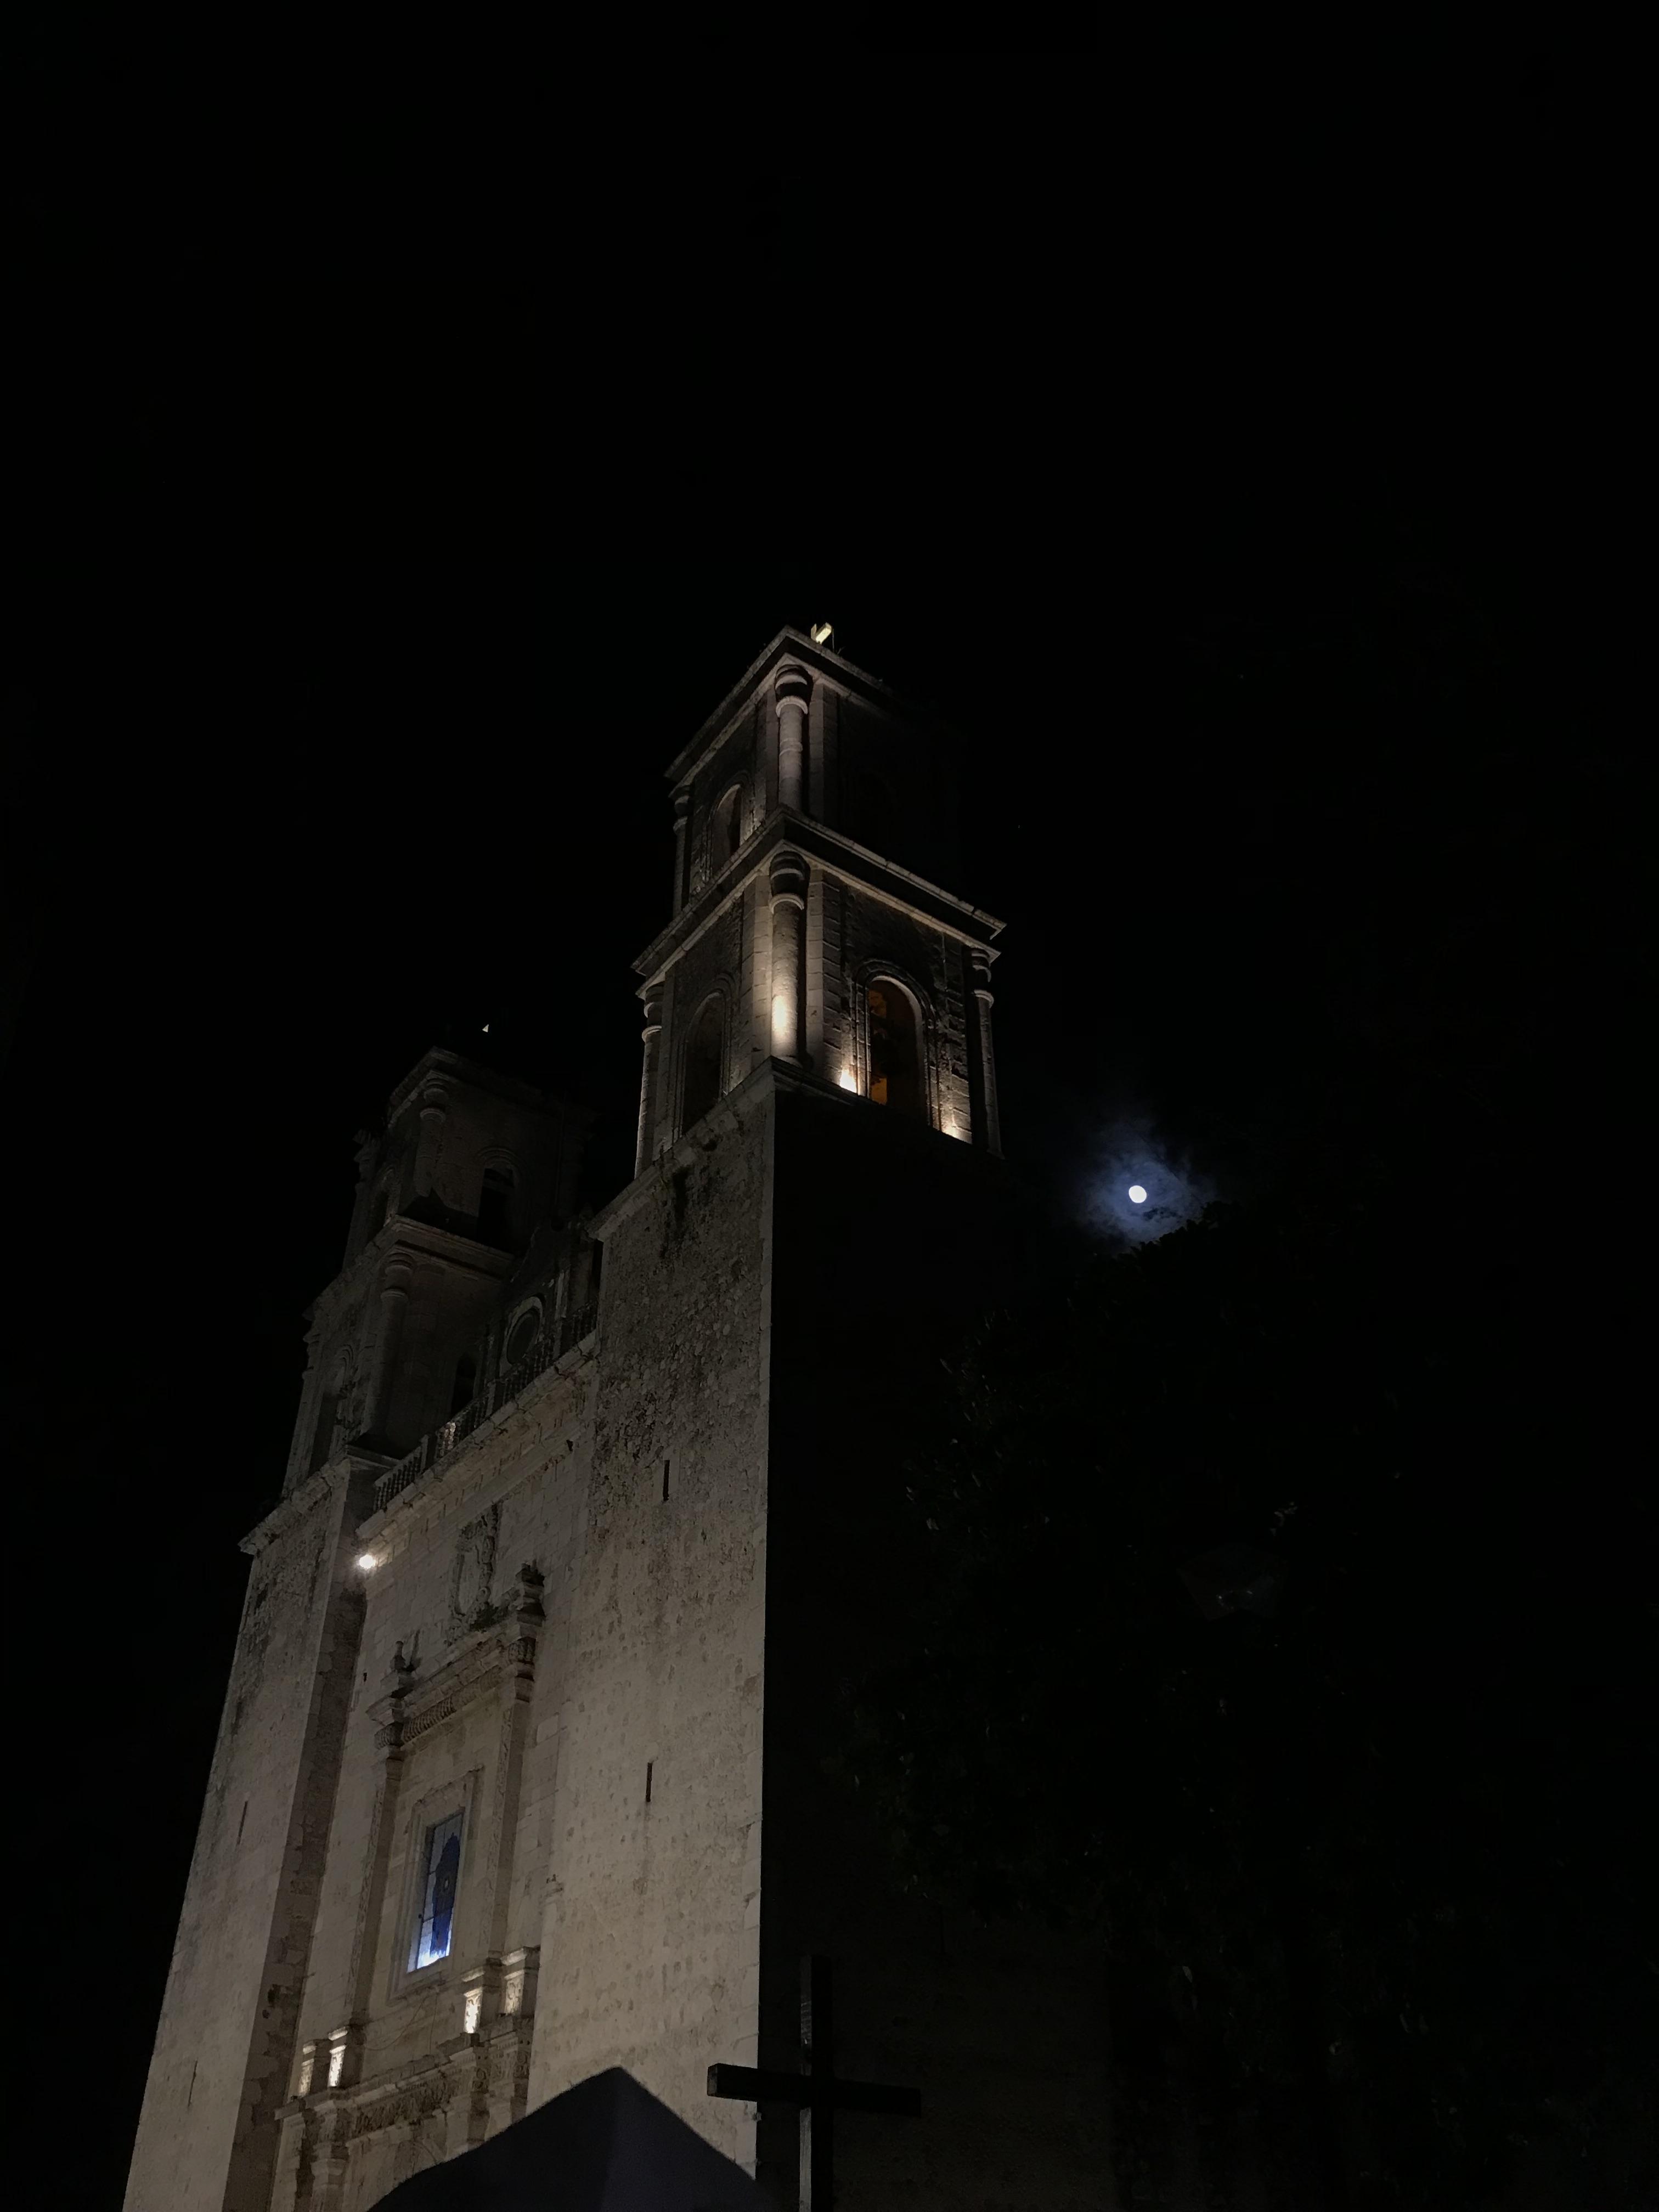 chiesa-san-servacio-valladolid-yucatán-messico